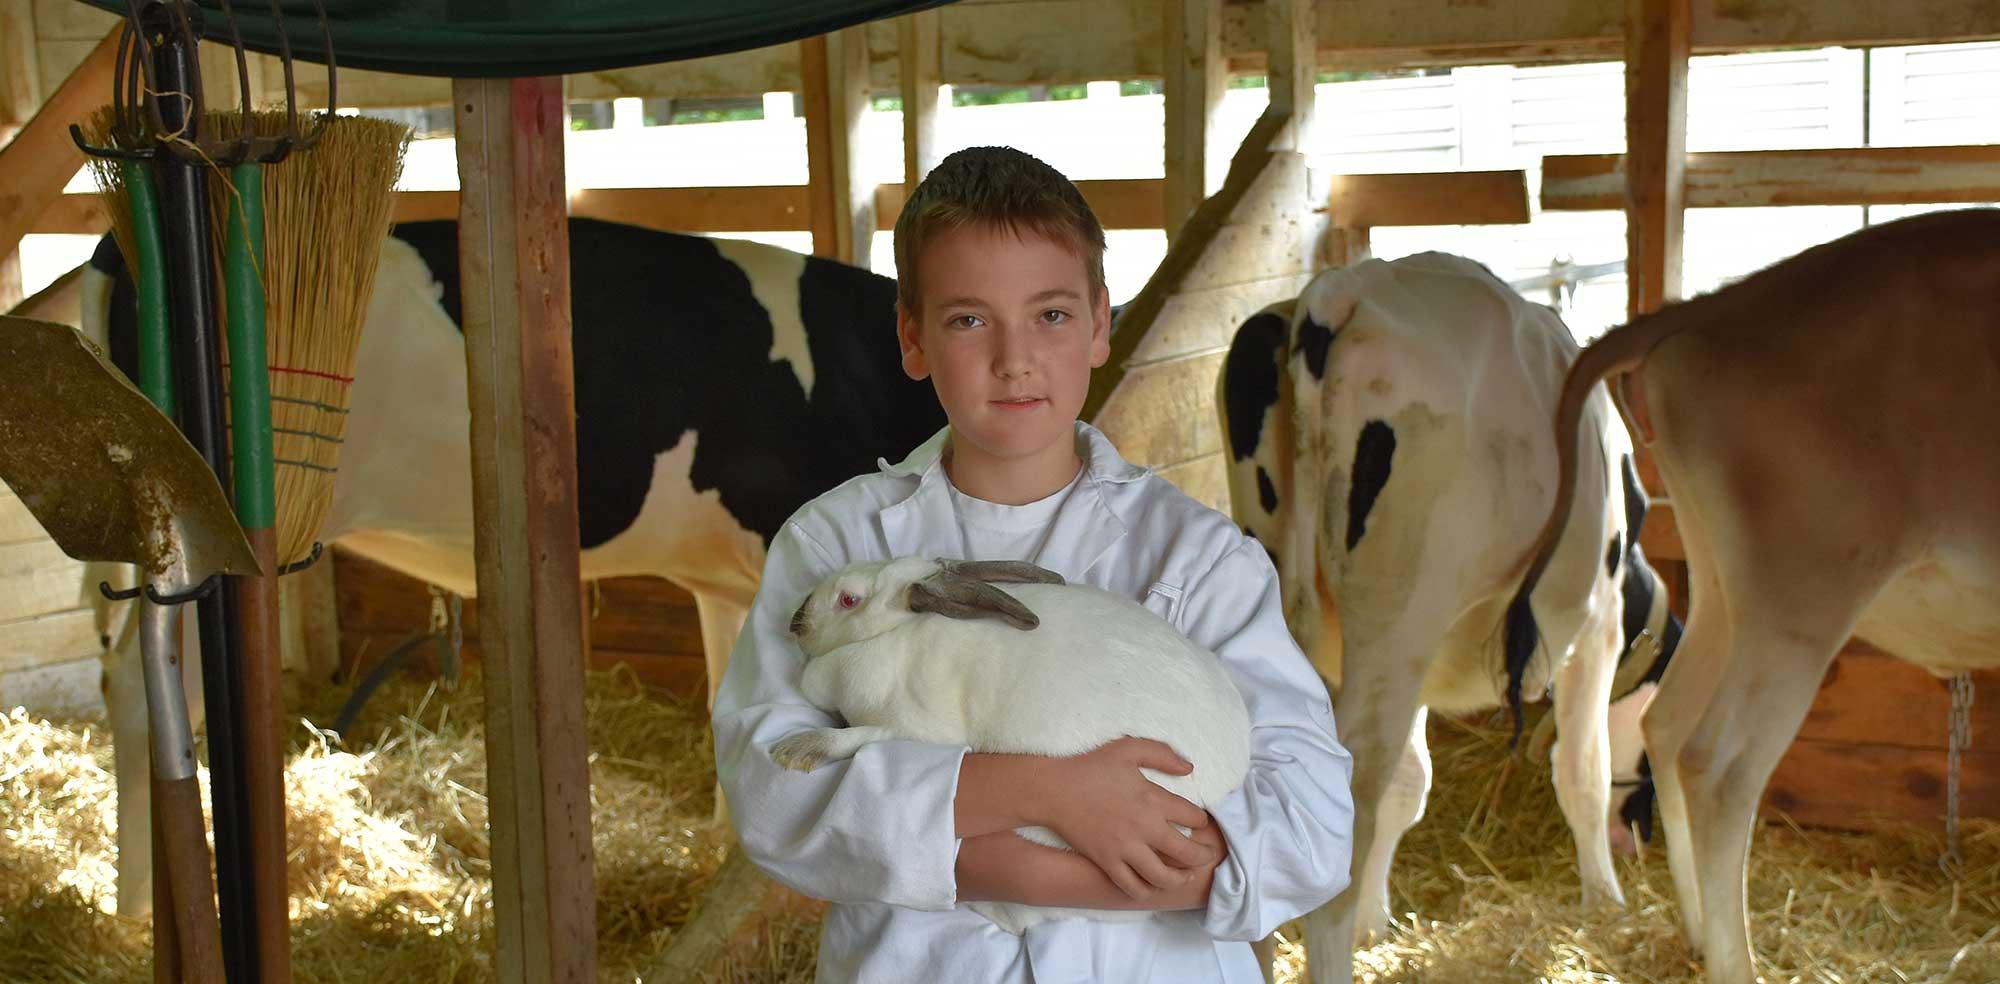 A boy holding a rabbit